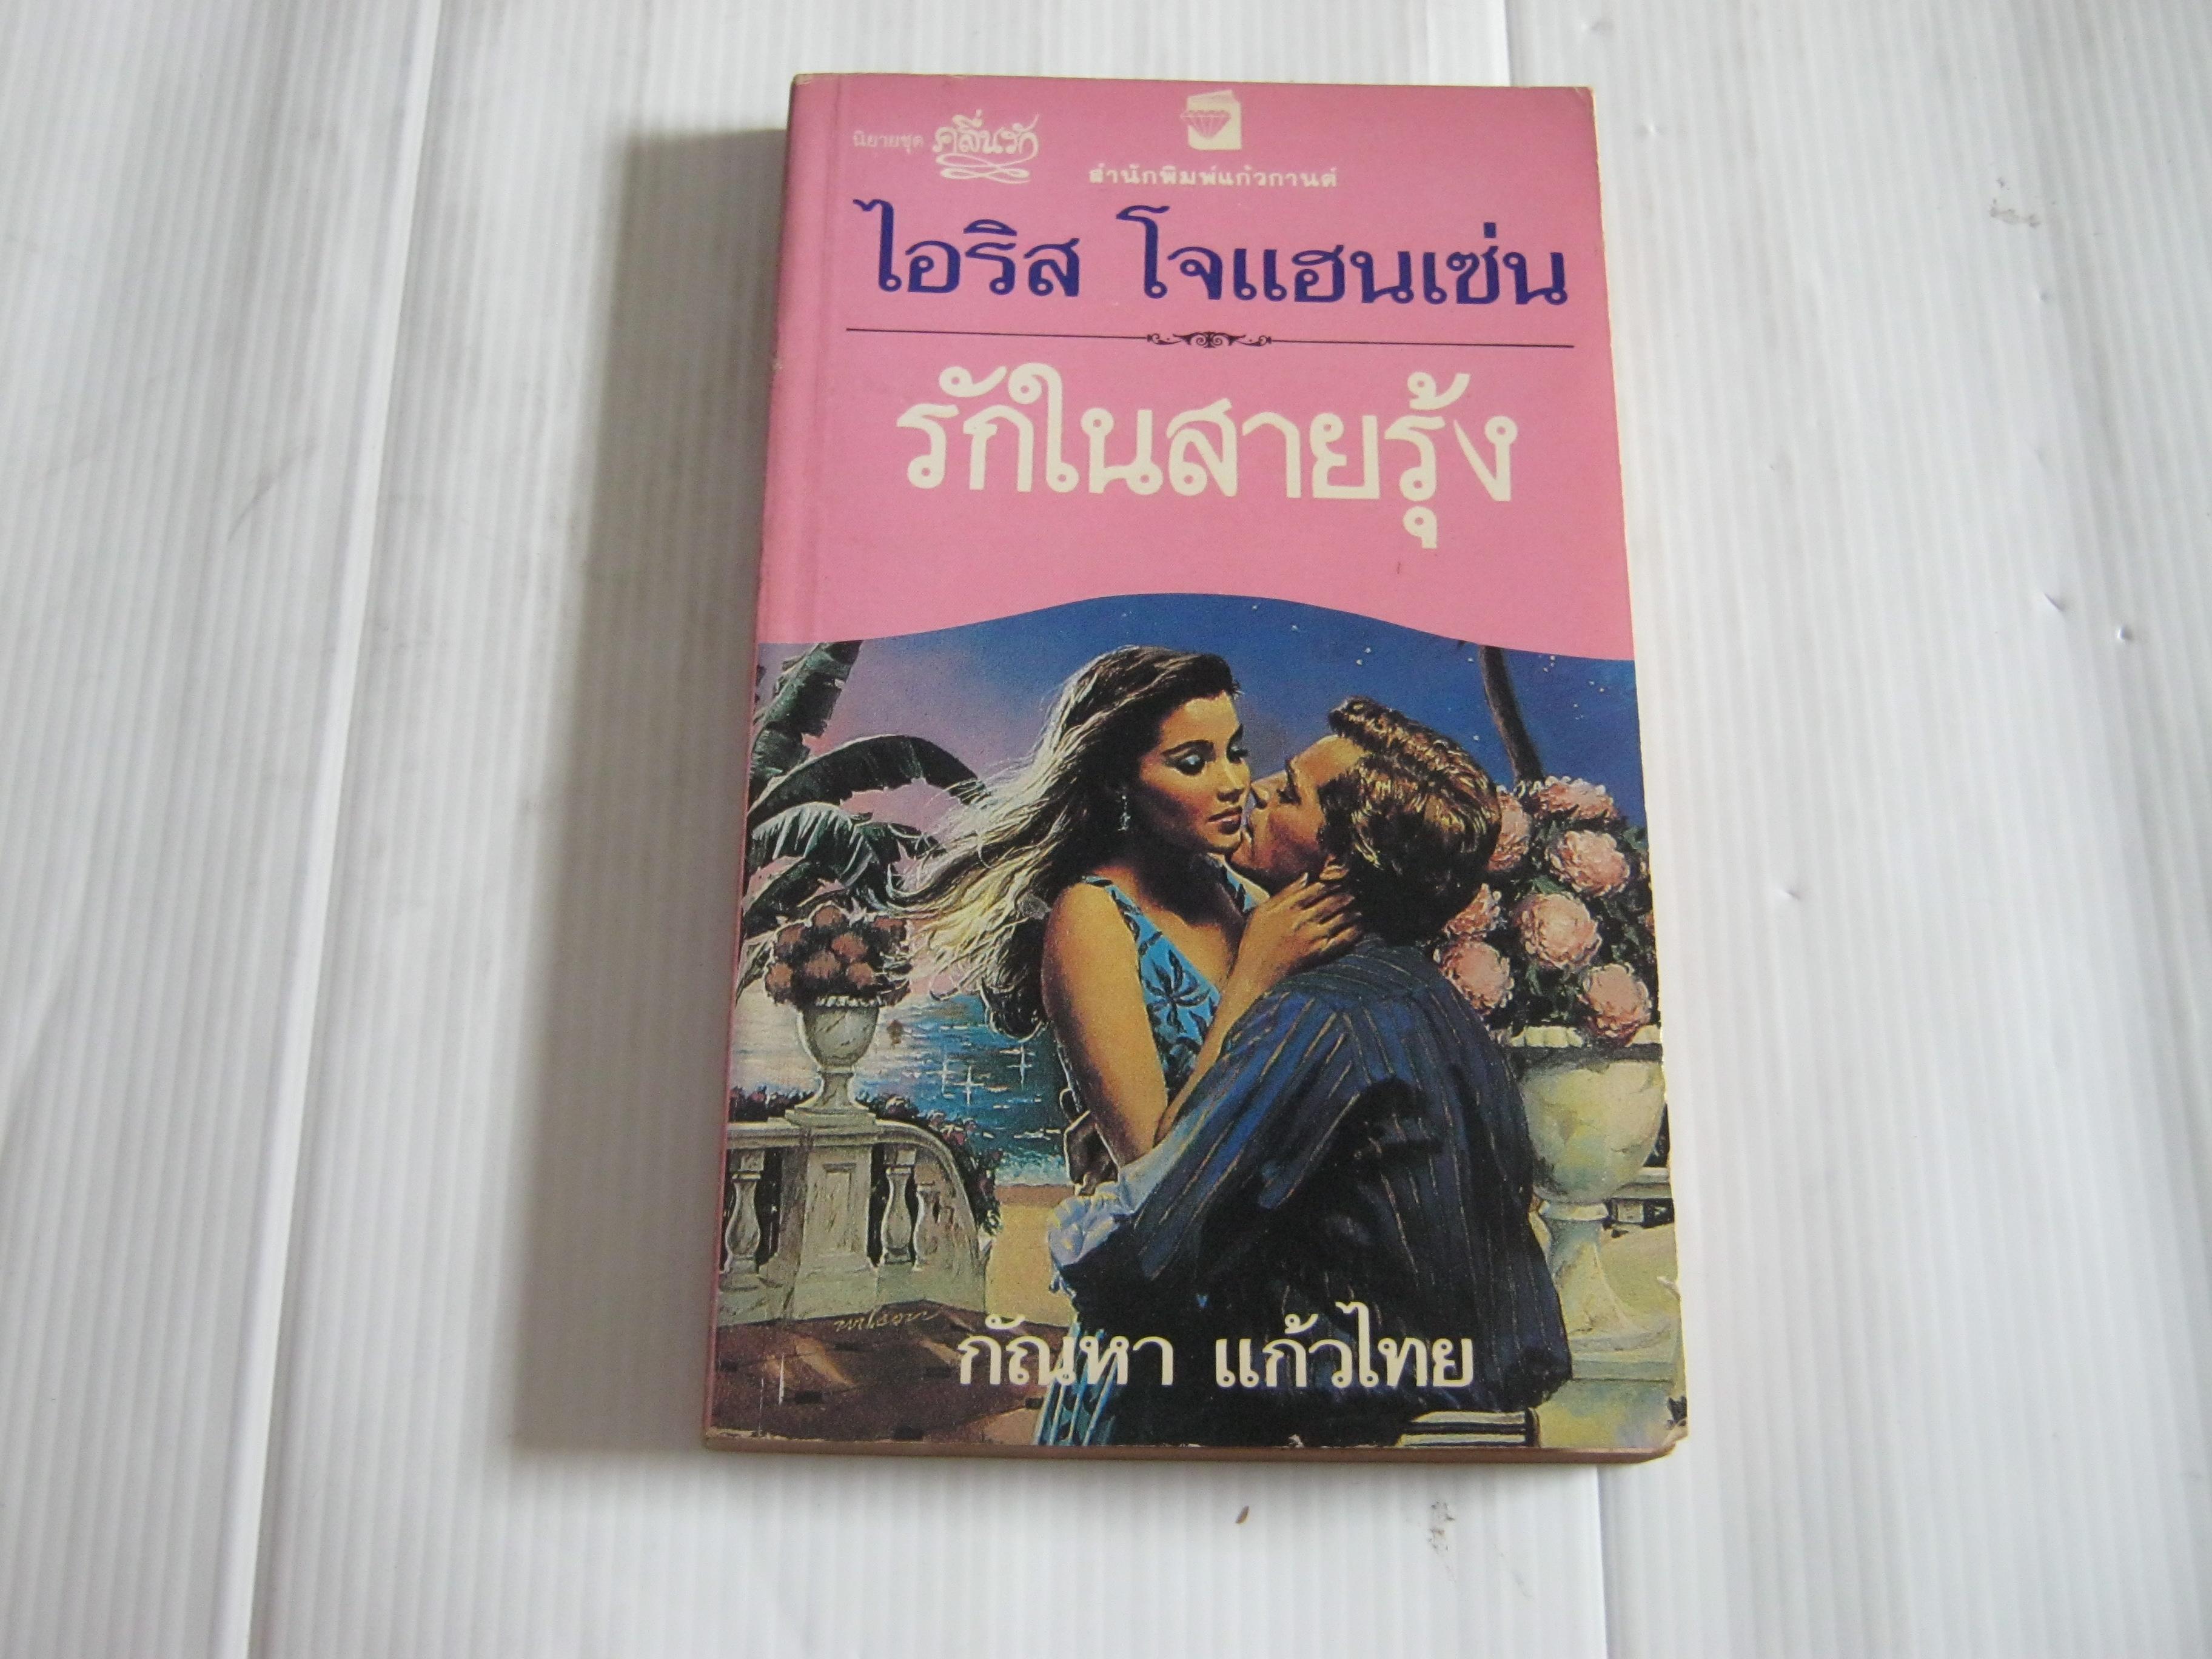 รักในสายรุ้ง ไอริส โจแฮนเซ่น เขียน กัณหา แก้วไทย แปล